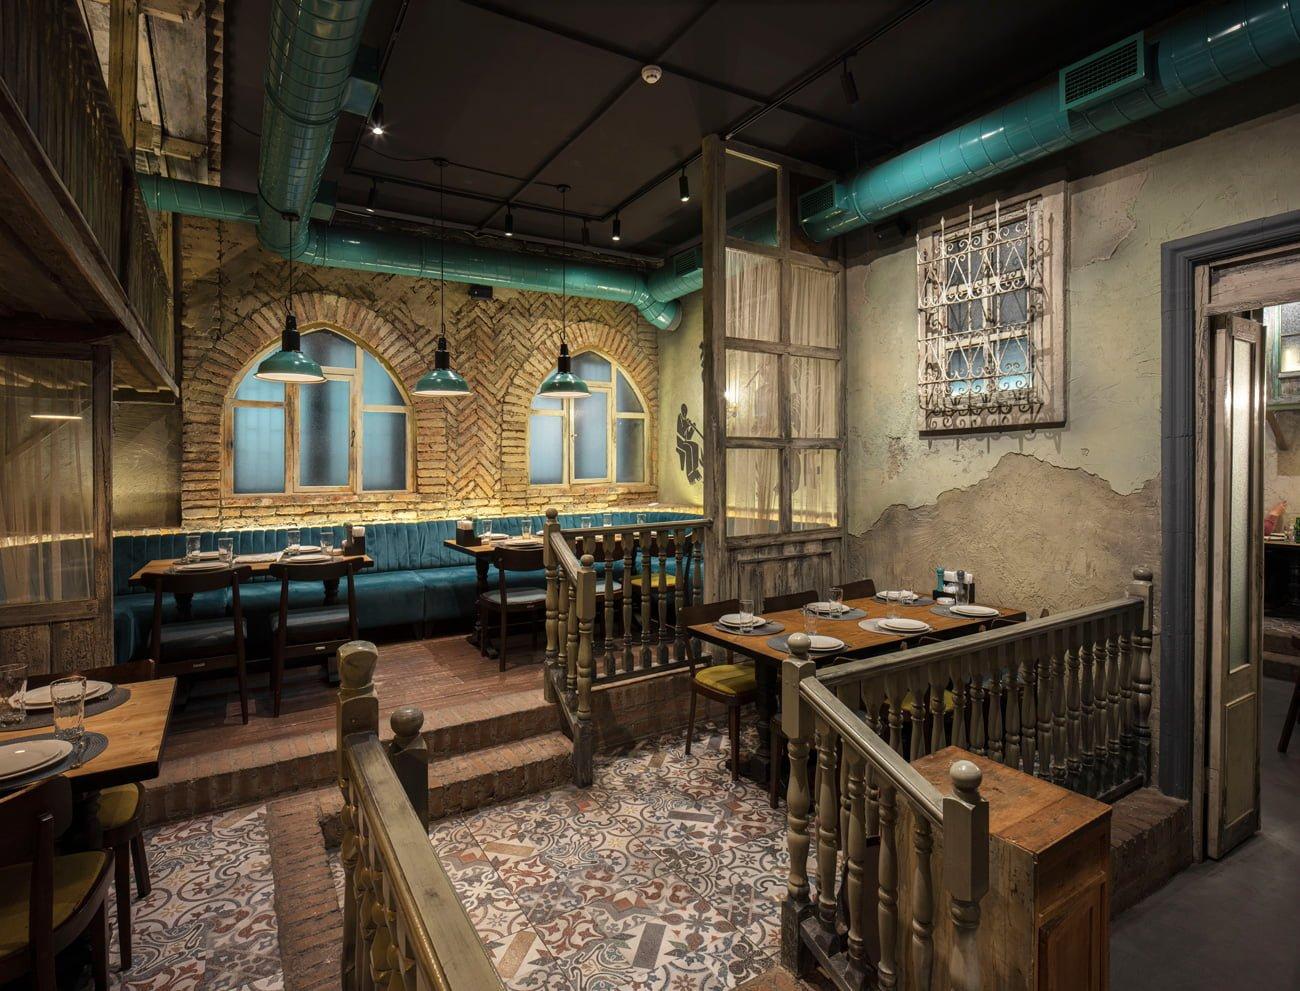 фото обстановки и планировки ресторана Ктур спроектирована на разных уровнях